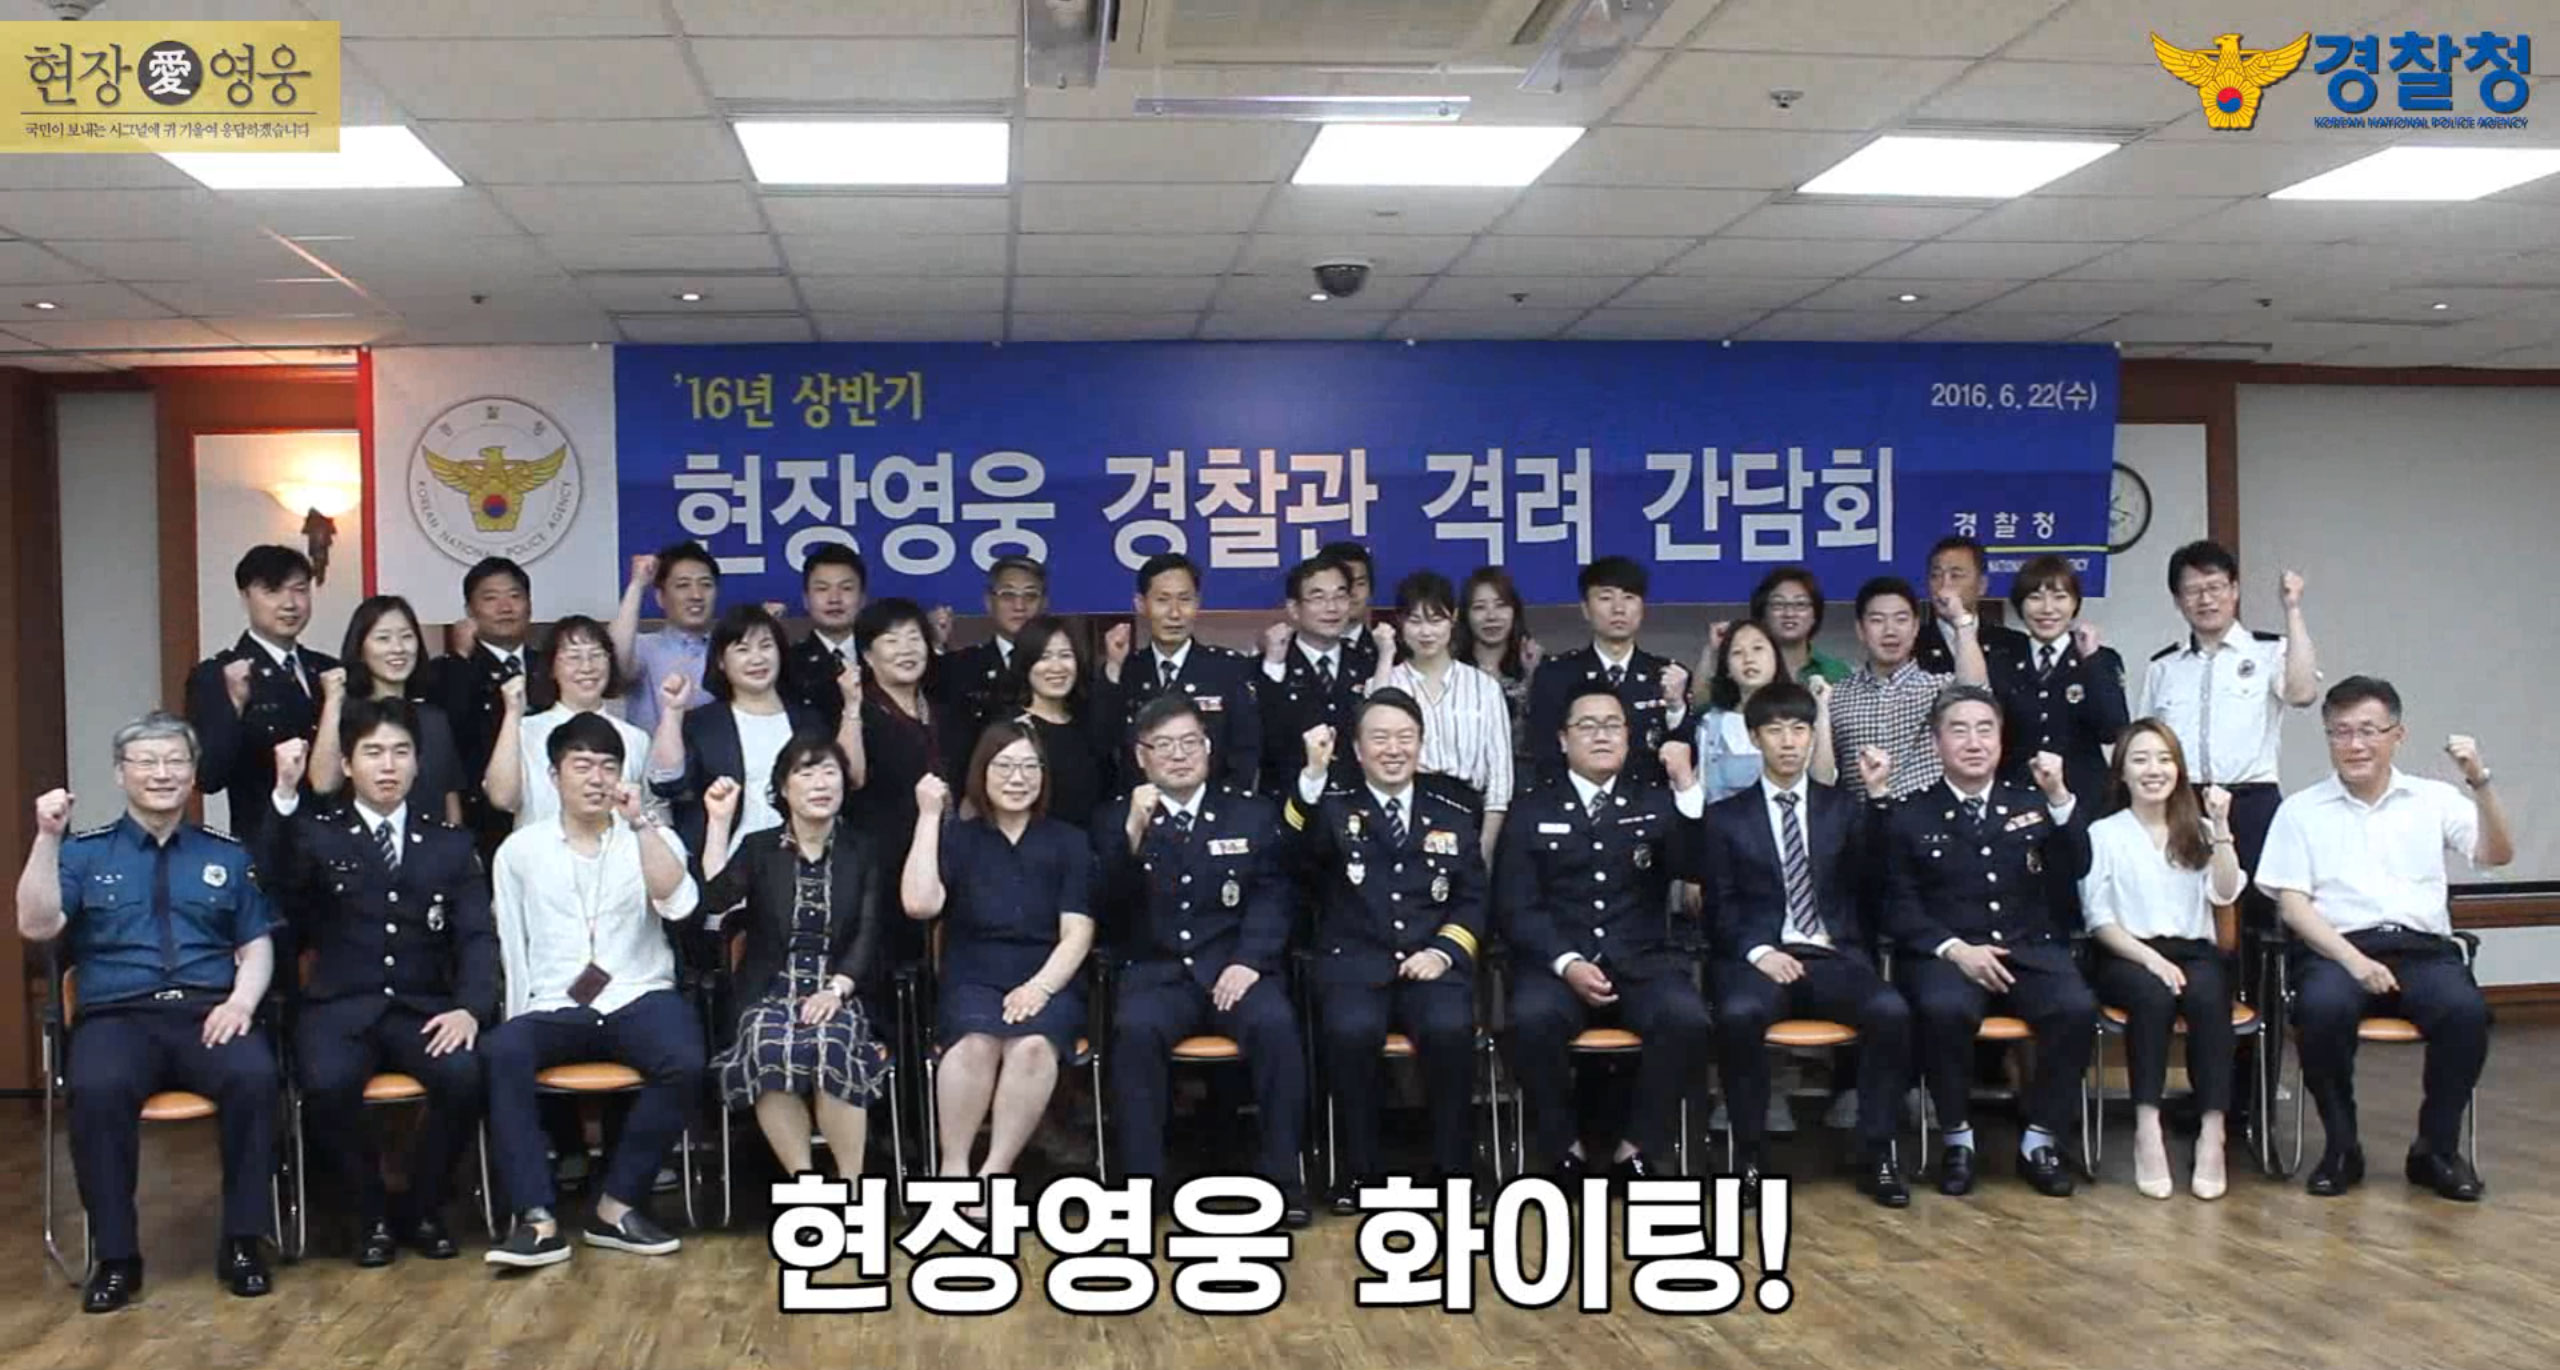 2016년 상반기 현장영웅 경찰관 격려 간담회